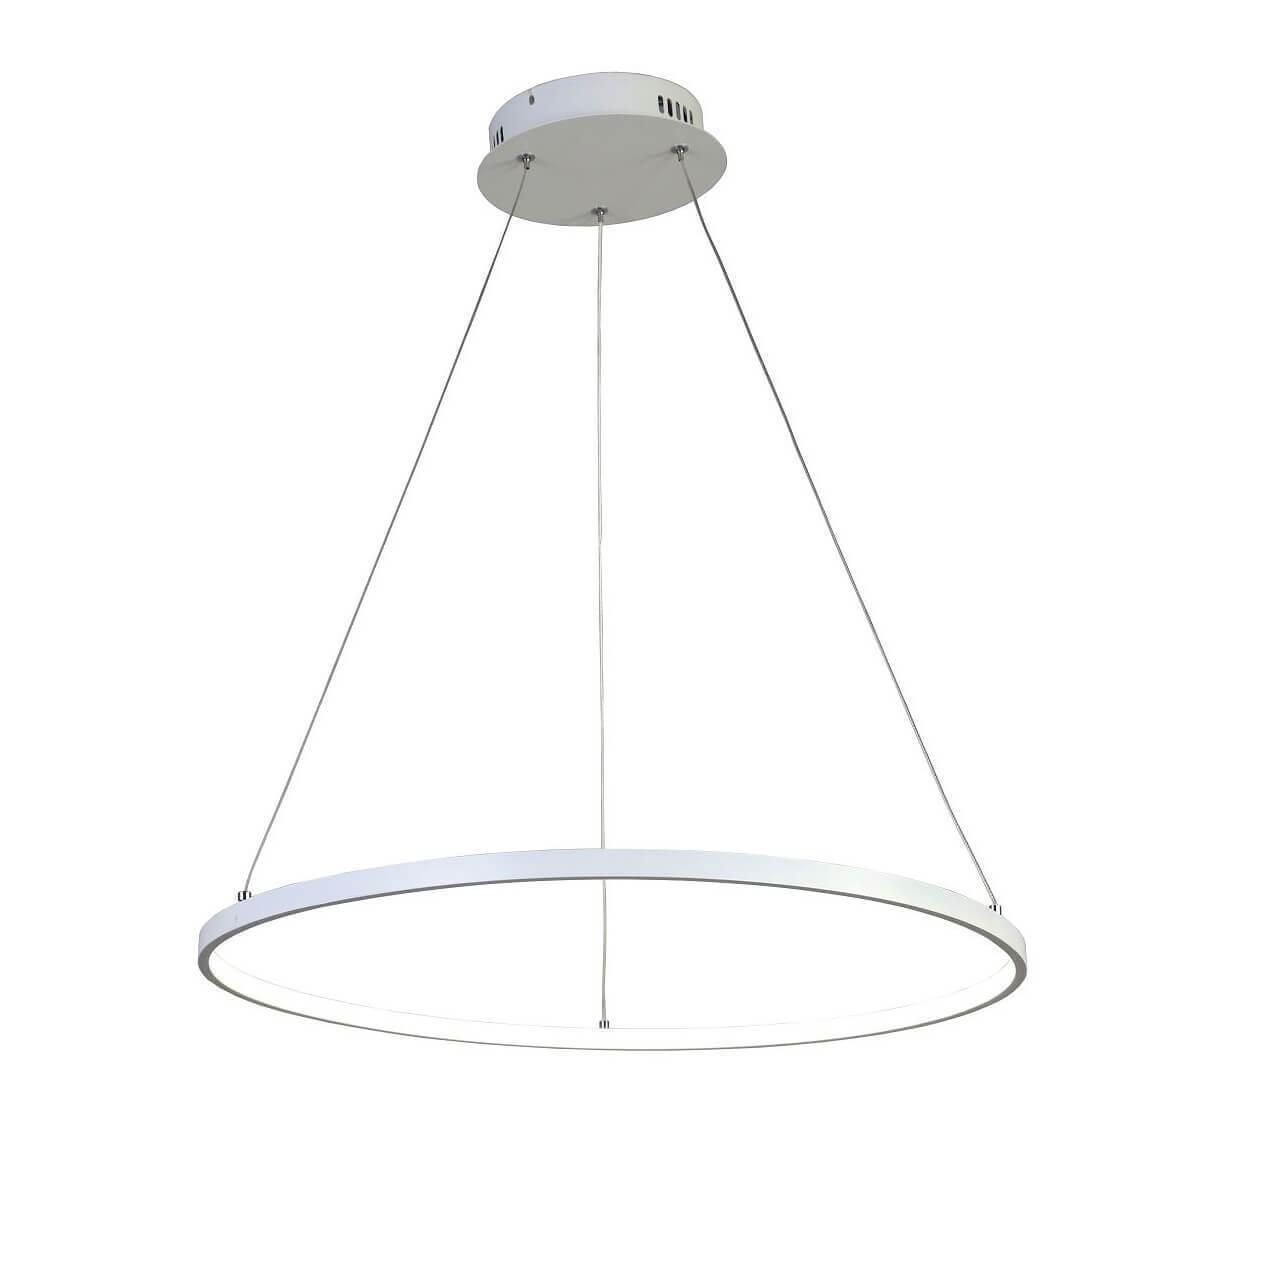 Подвесной светильник Favourite 1765-6P, LED, 48 Вт подвесной светильник favourite giro 1765 18p